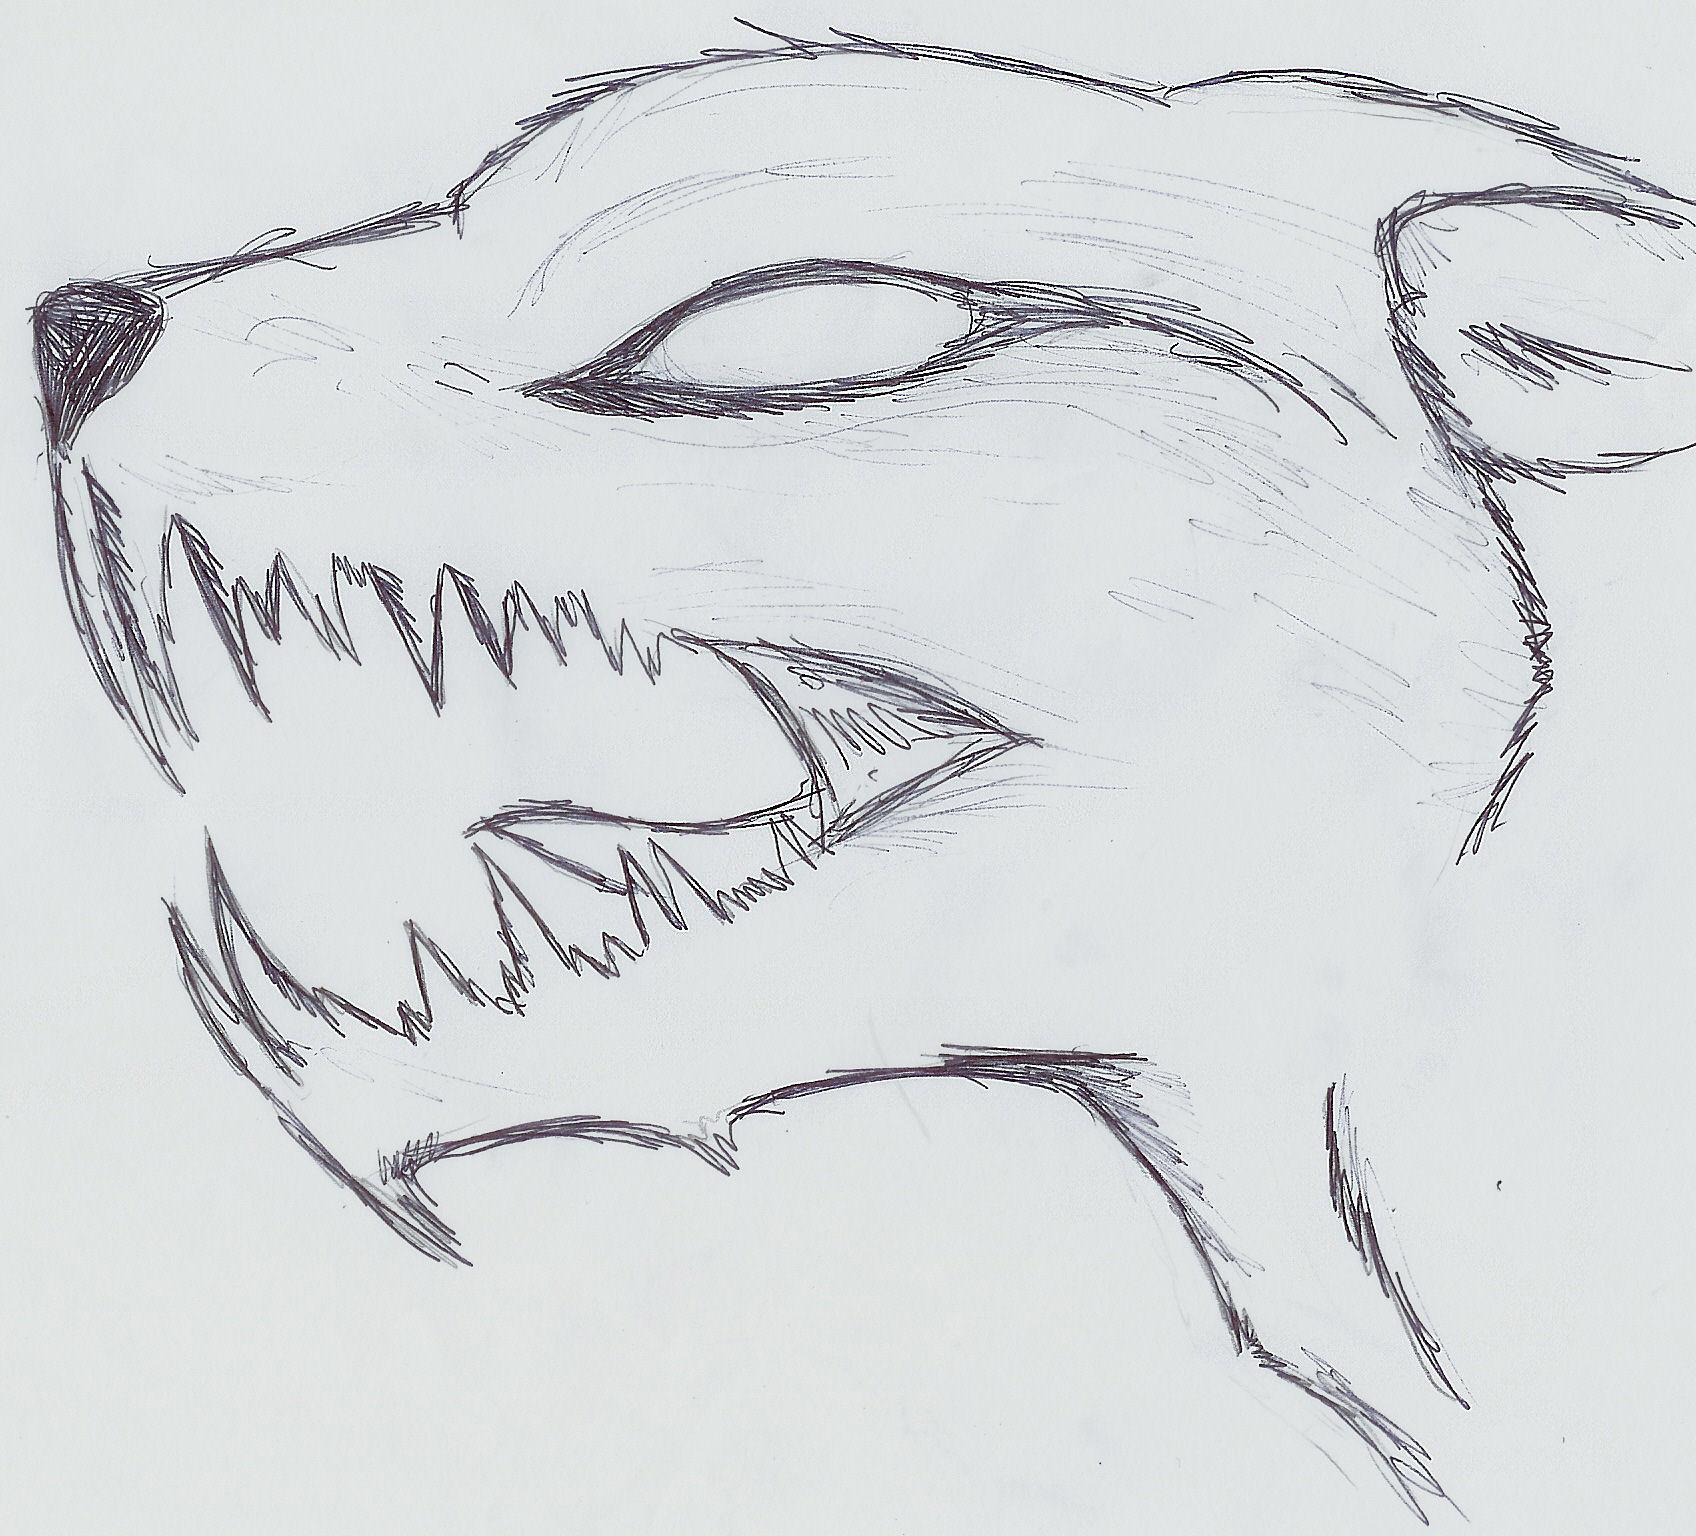 предприниматель картинки не сложные чтобы срисовать карандашом чем приступать обработке